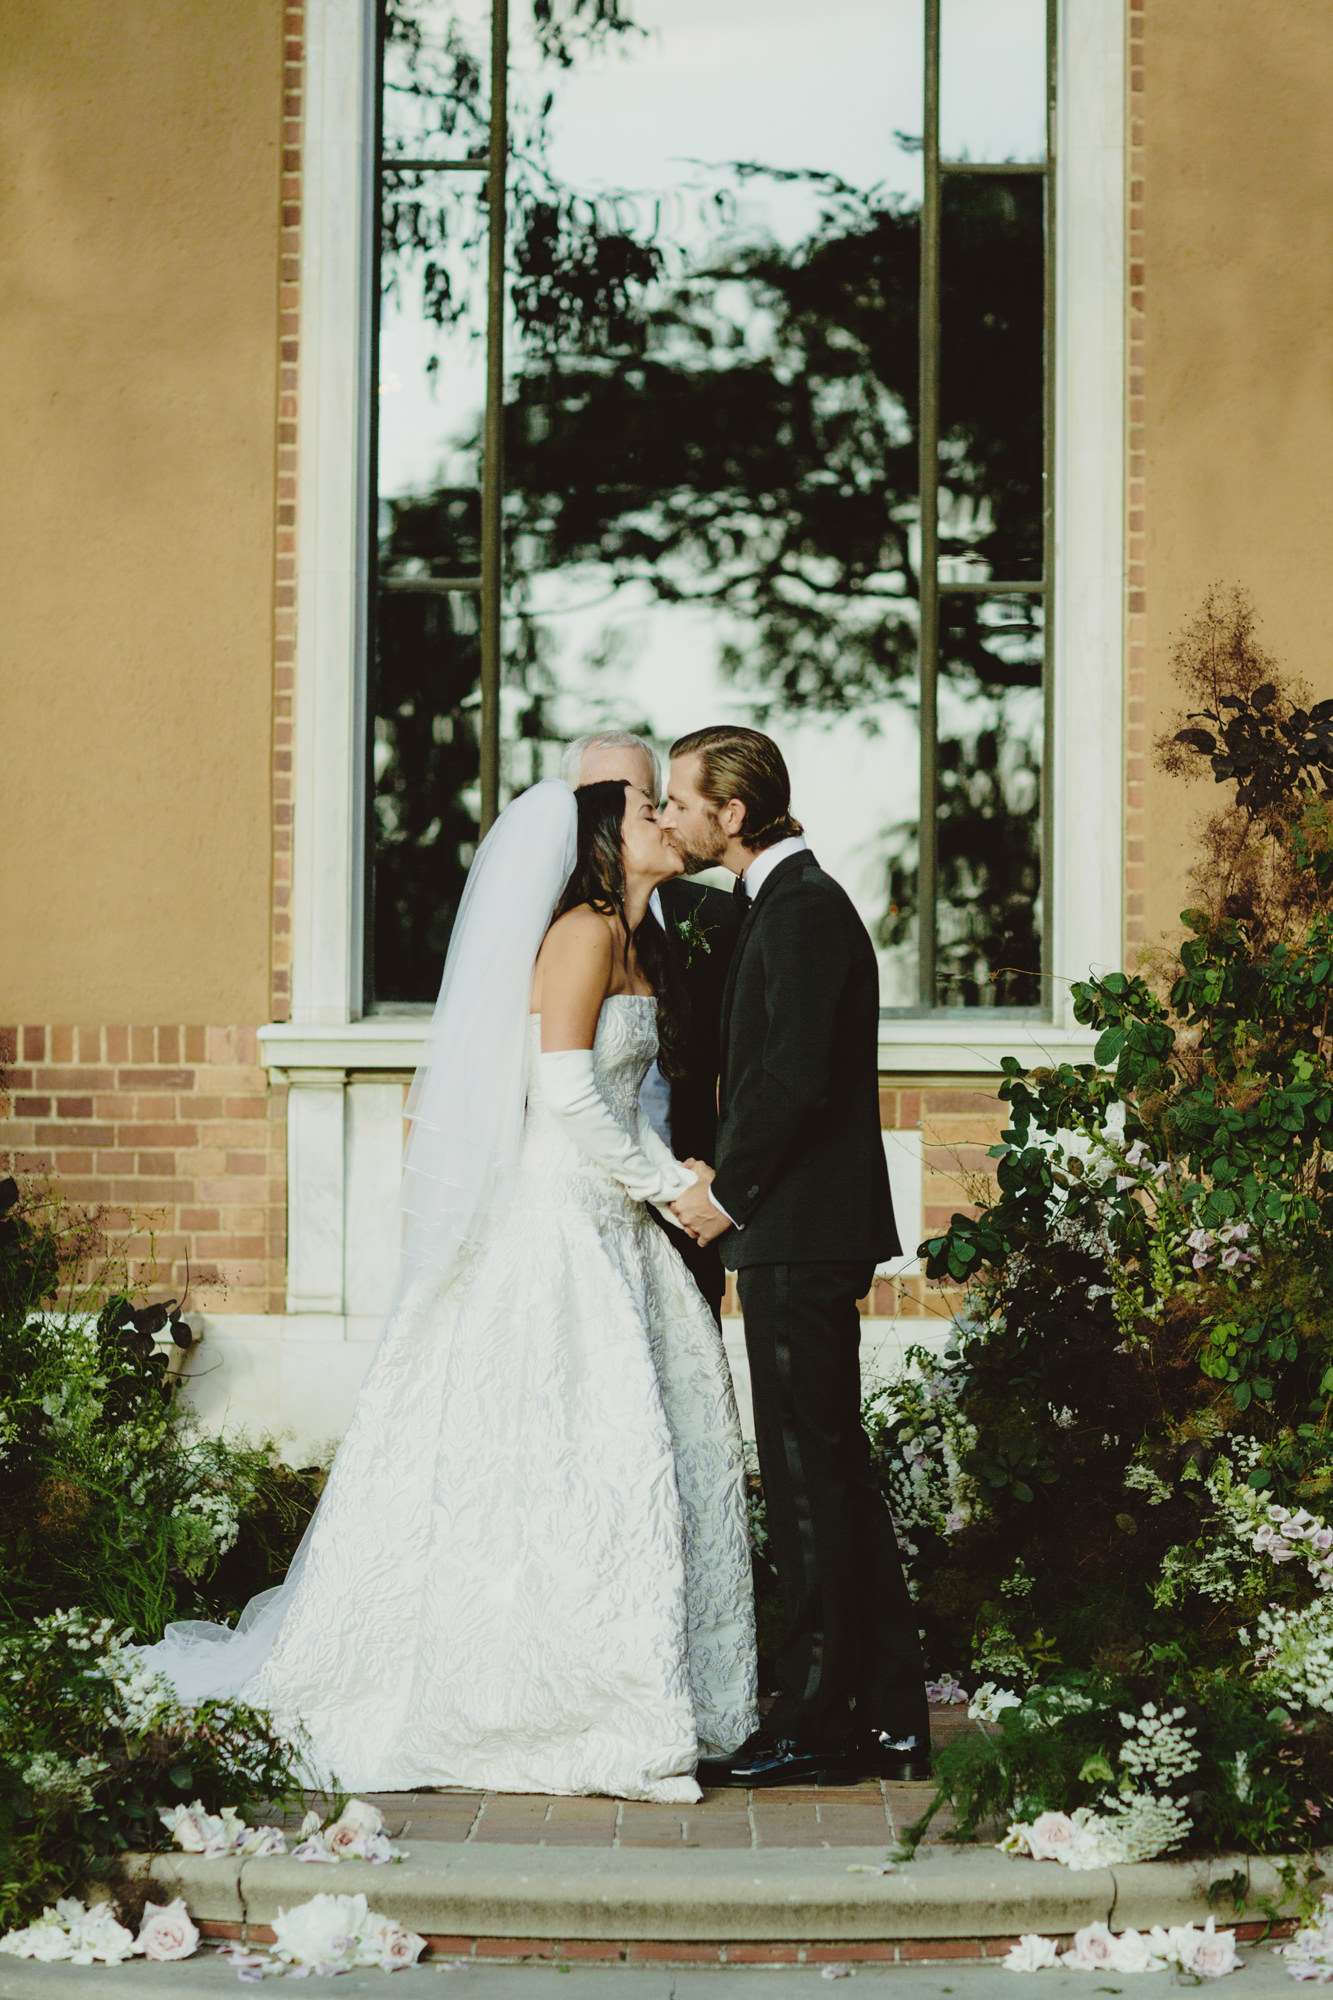 SAMMBLAKE_LOSANGELES_PARAMOUR_ESTATE_WEDDING_JSAW_0995.jpg